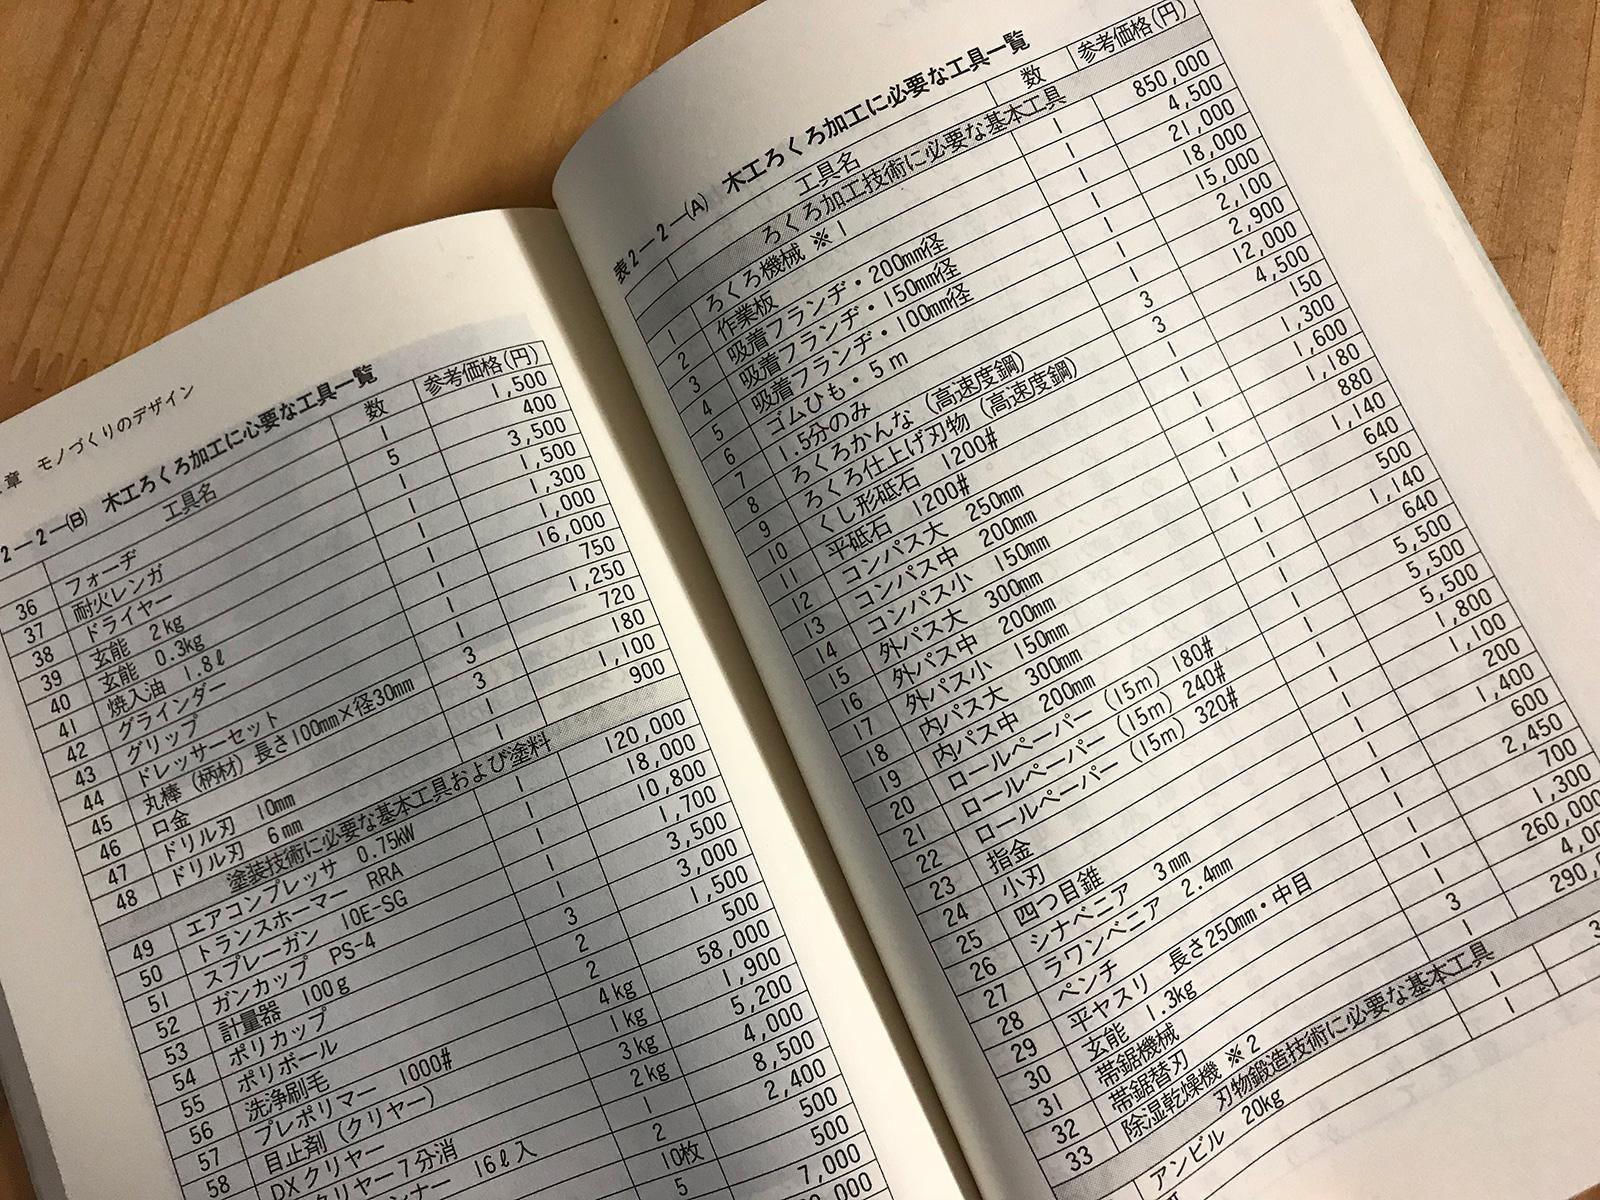 時松辰夫先生の著書『山村クラフトのすすめ』